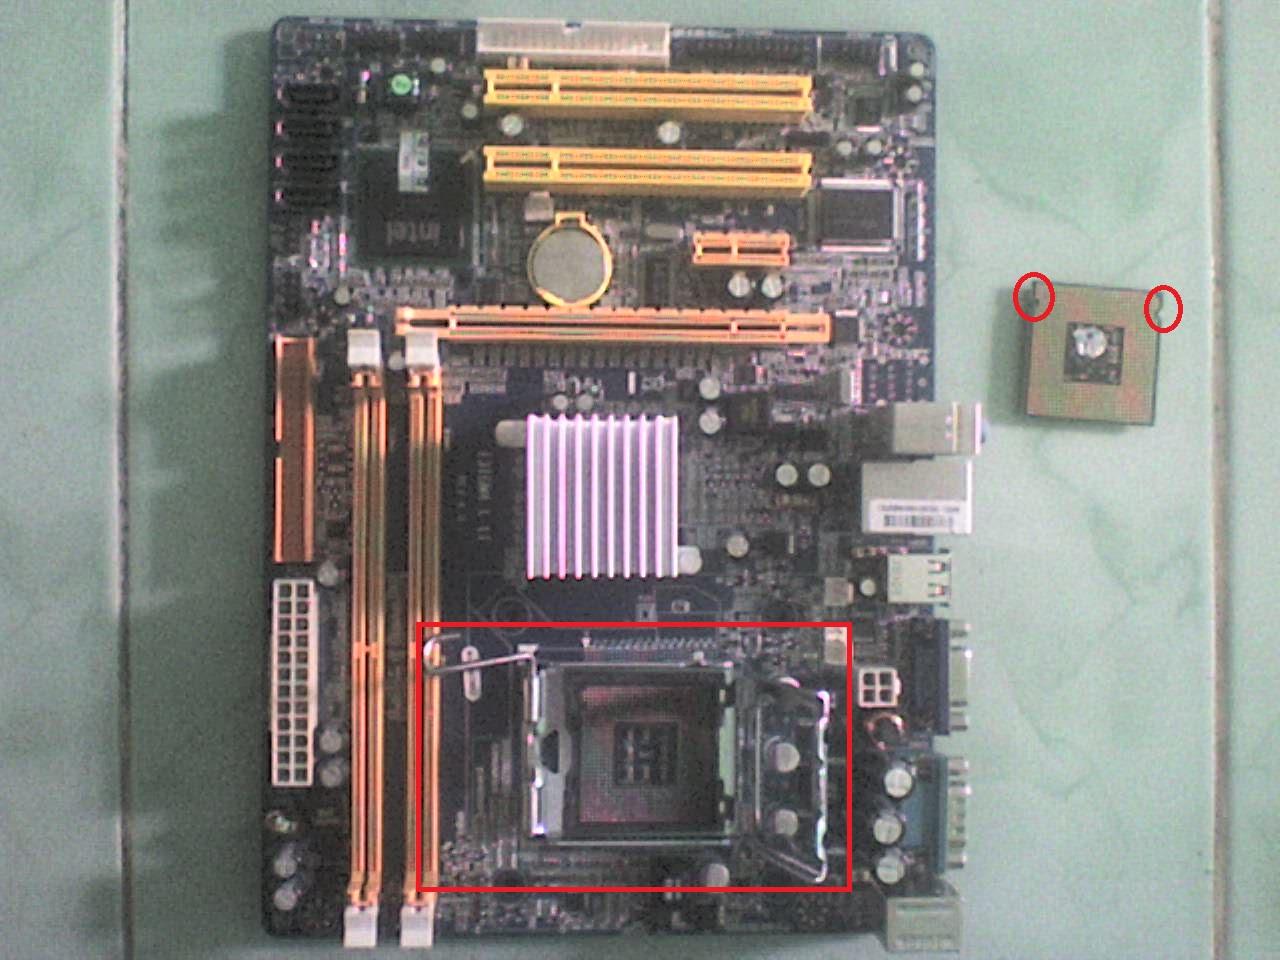 04 Juli 2011 Buat Berbagi Saja Bbs Laman 5 Displaying 20gt Images For Redstone Repeating Circuit Gambar Motherboard Processor